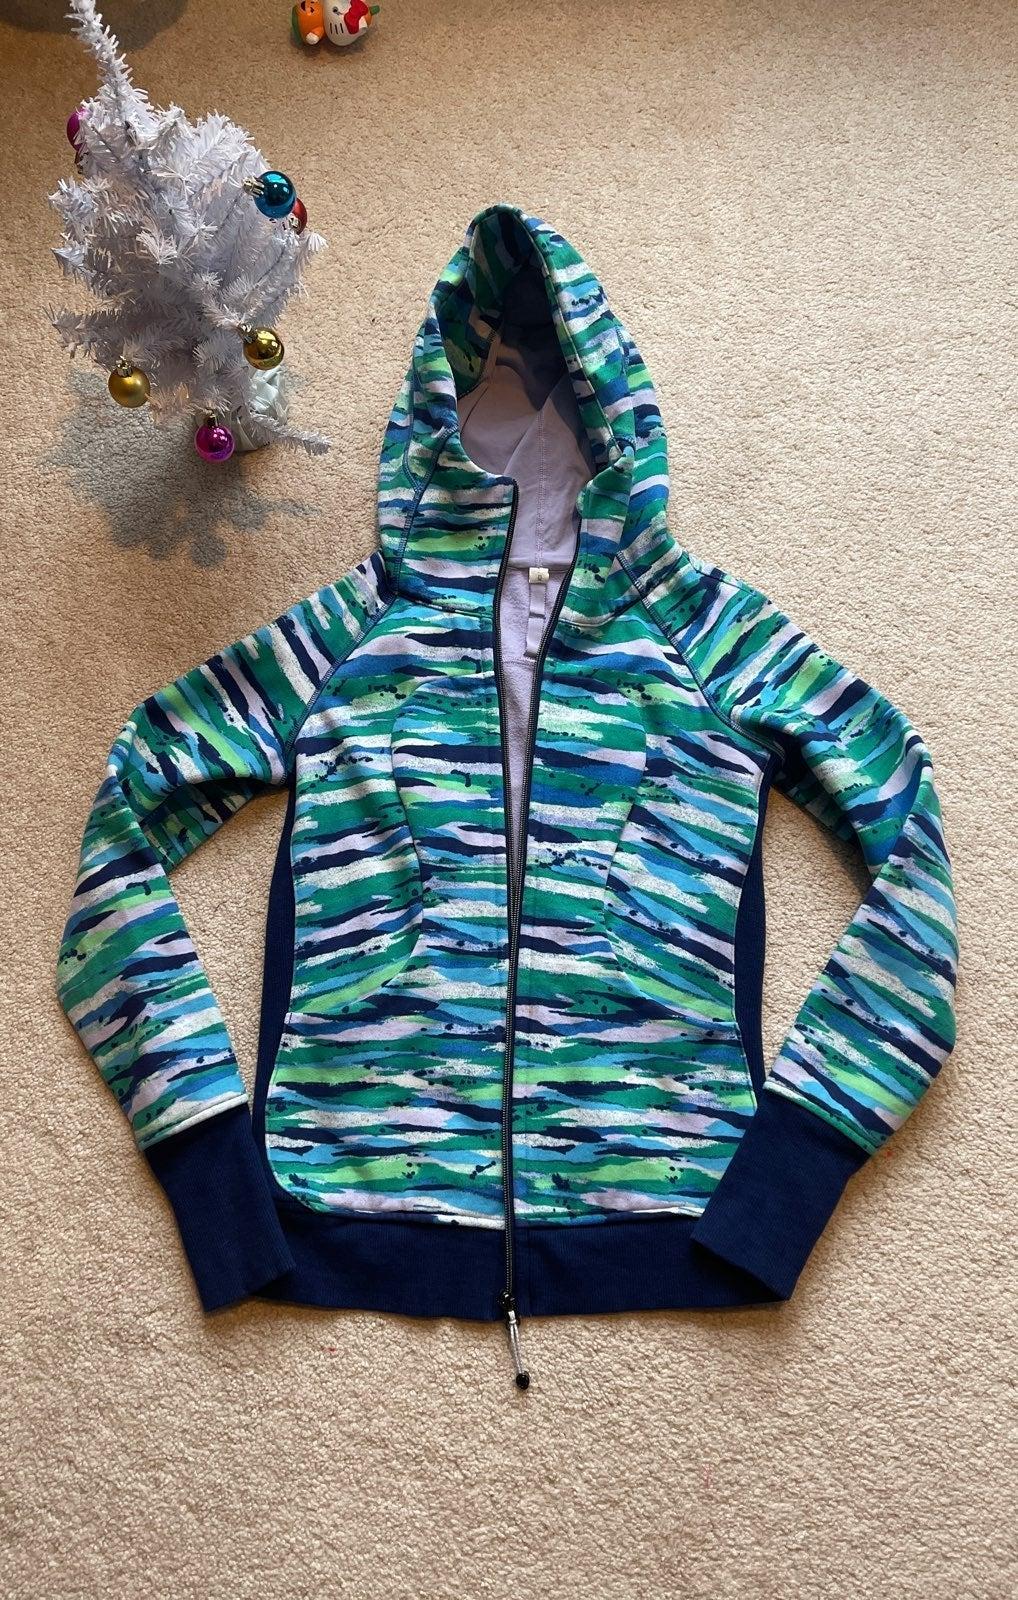 lululemon athletica jacket, size 4